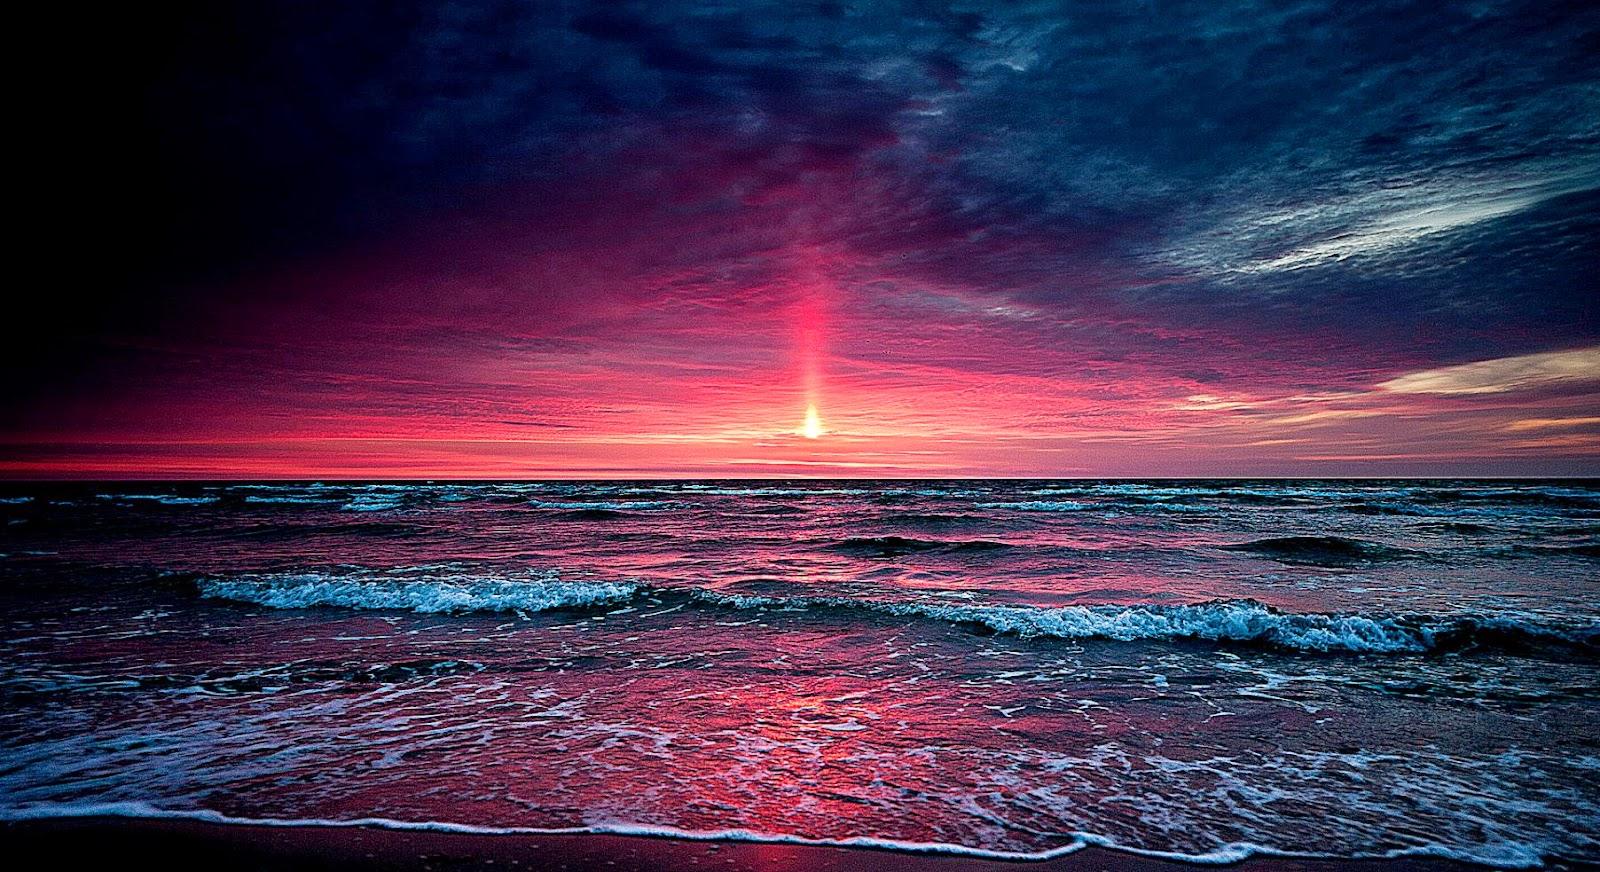 Sunset Beach Wallpaper Desktop Background  Amaimages